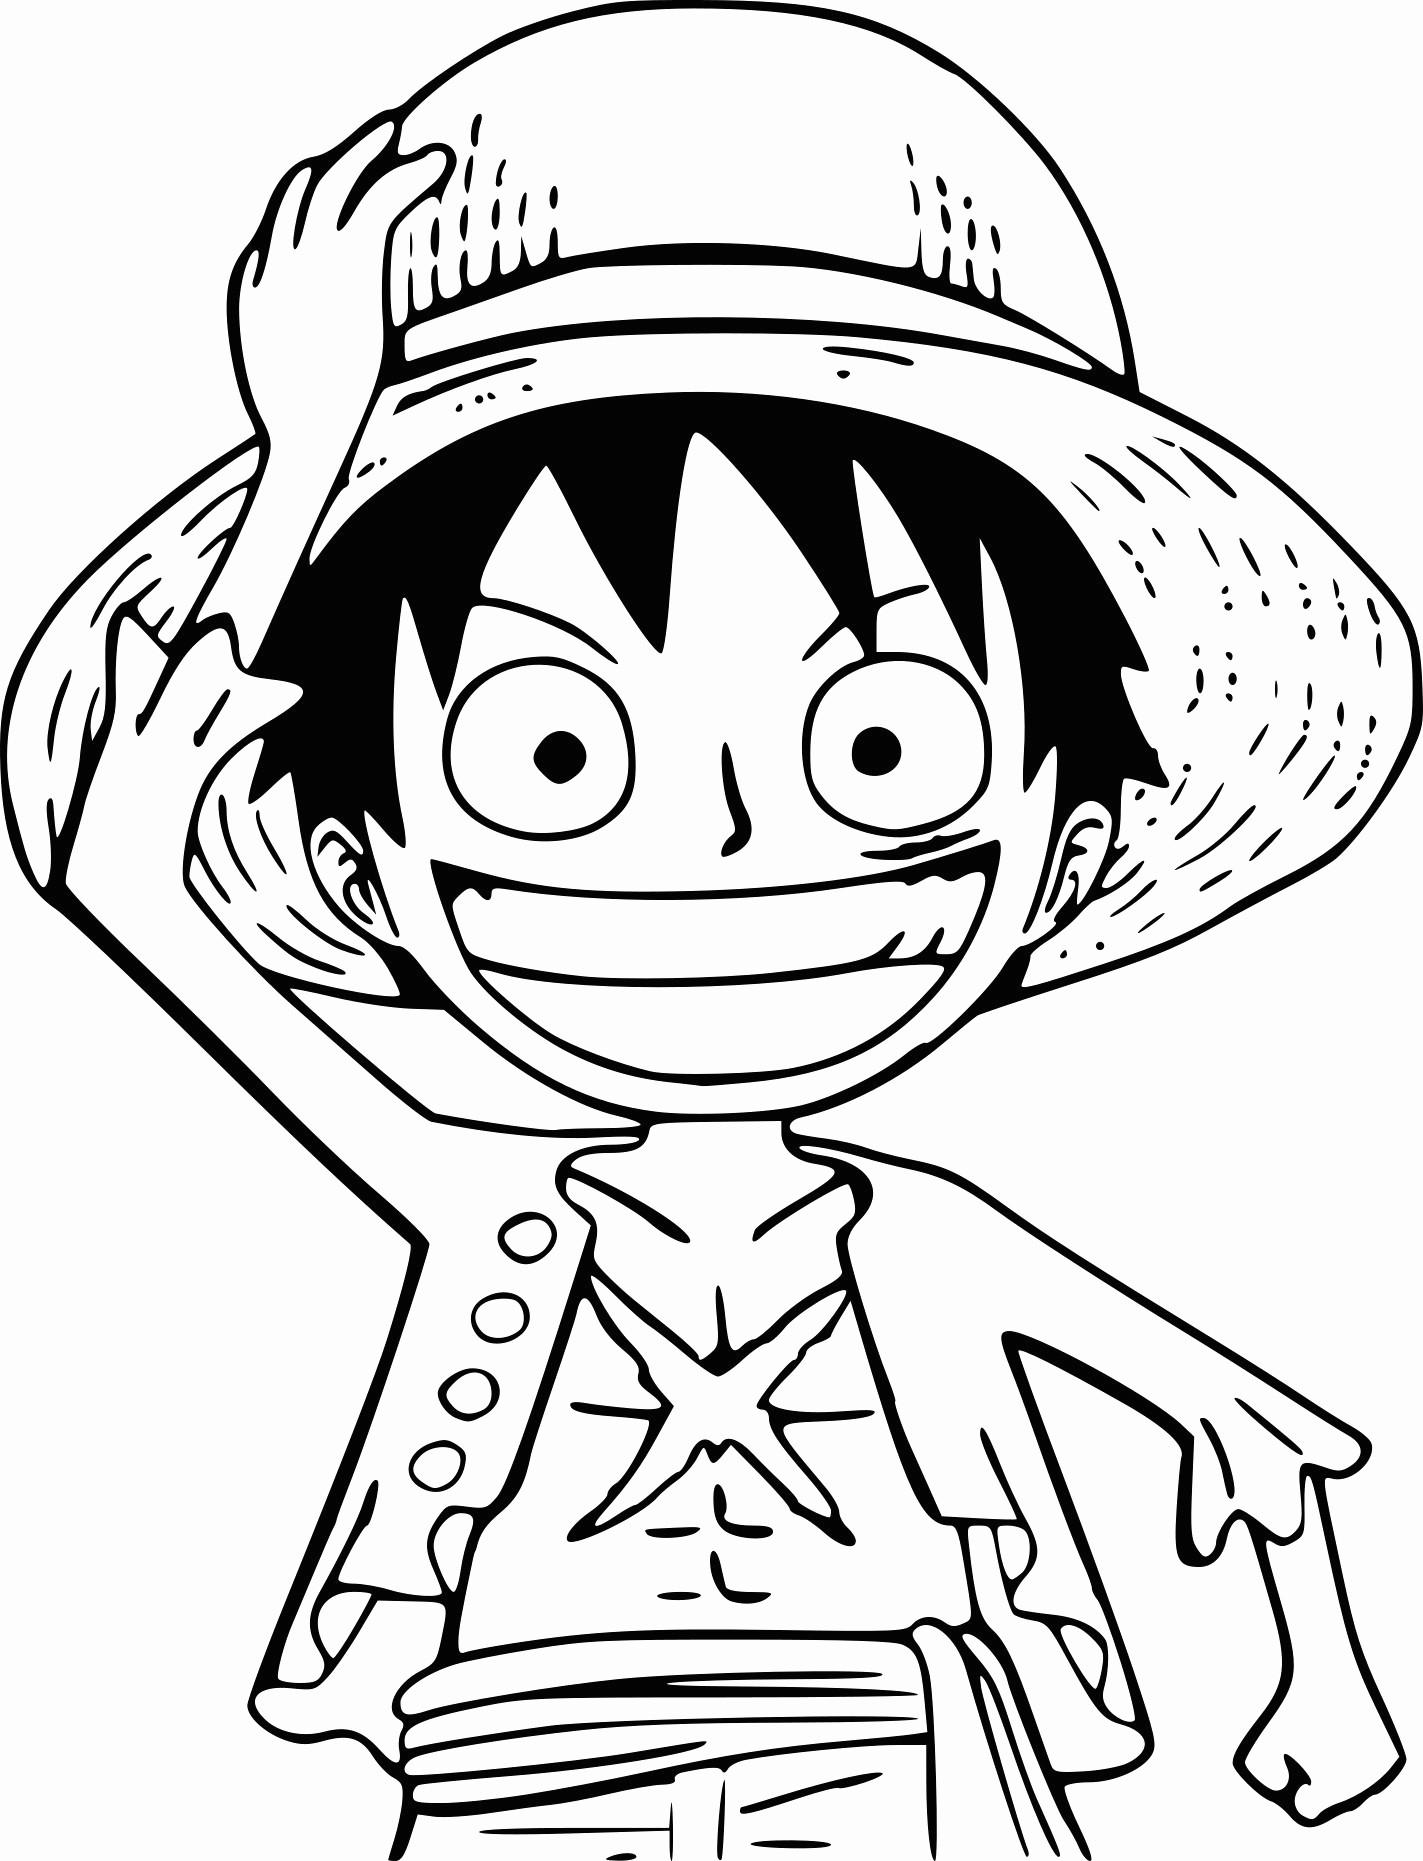 Coloriages À Imprimer : One Piece, Numéro : 19F273F2 dedans Dessin De Vague A Imprimer